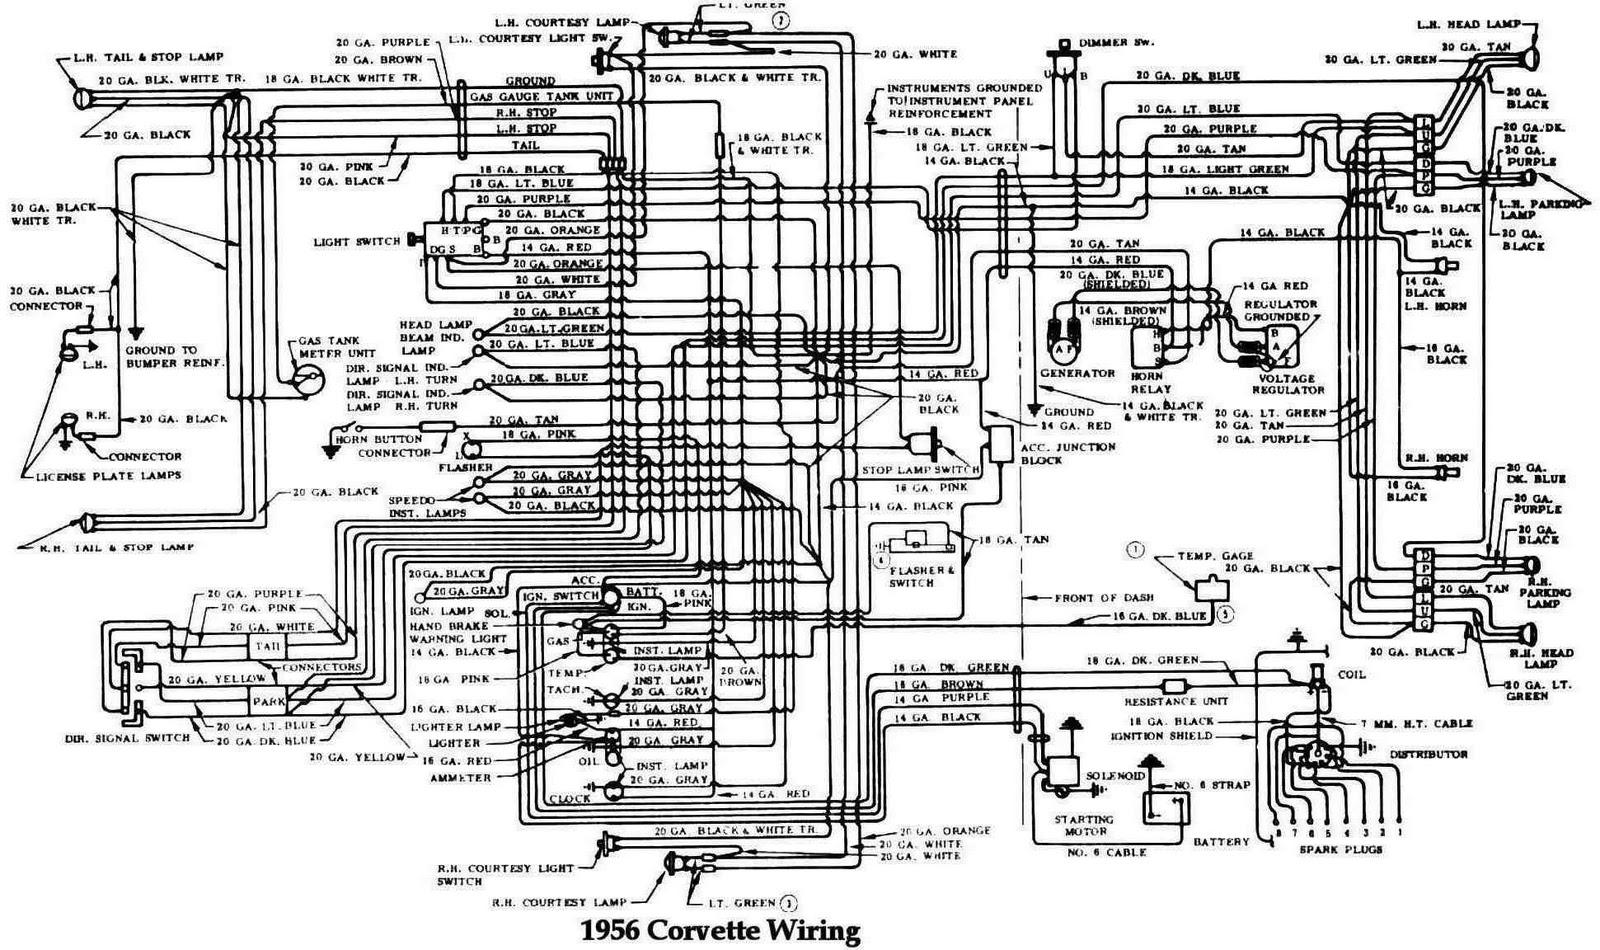 1970 Chevy P10 Wiring Diagram Schematics Diagrams Pickup Schematic Chevelle Wire C10 Ignition